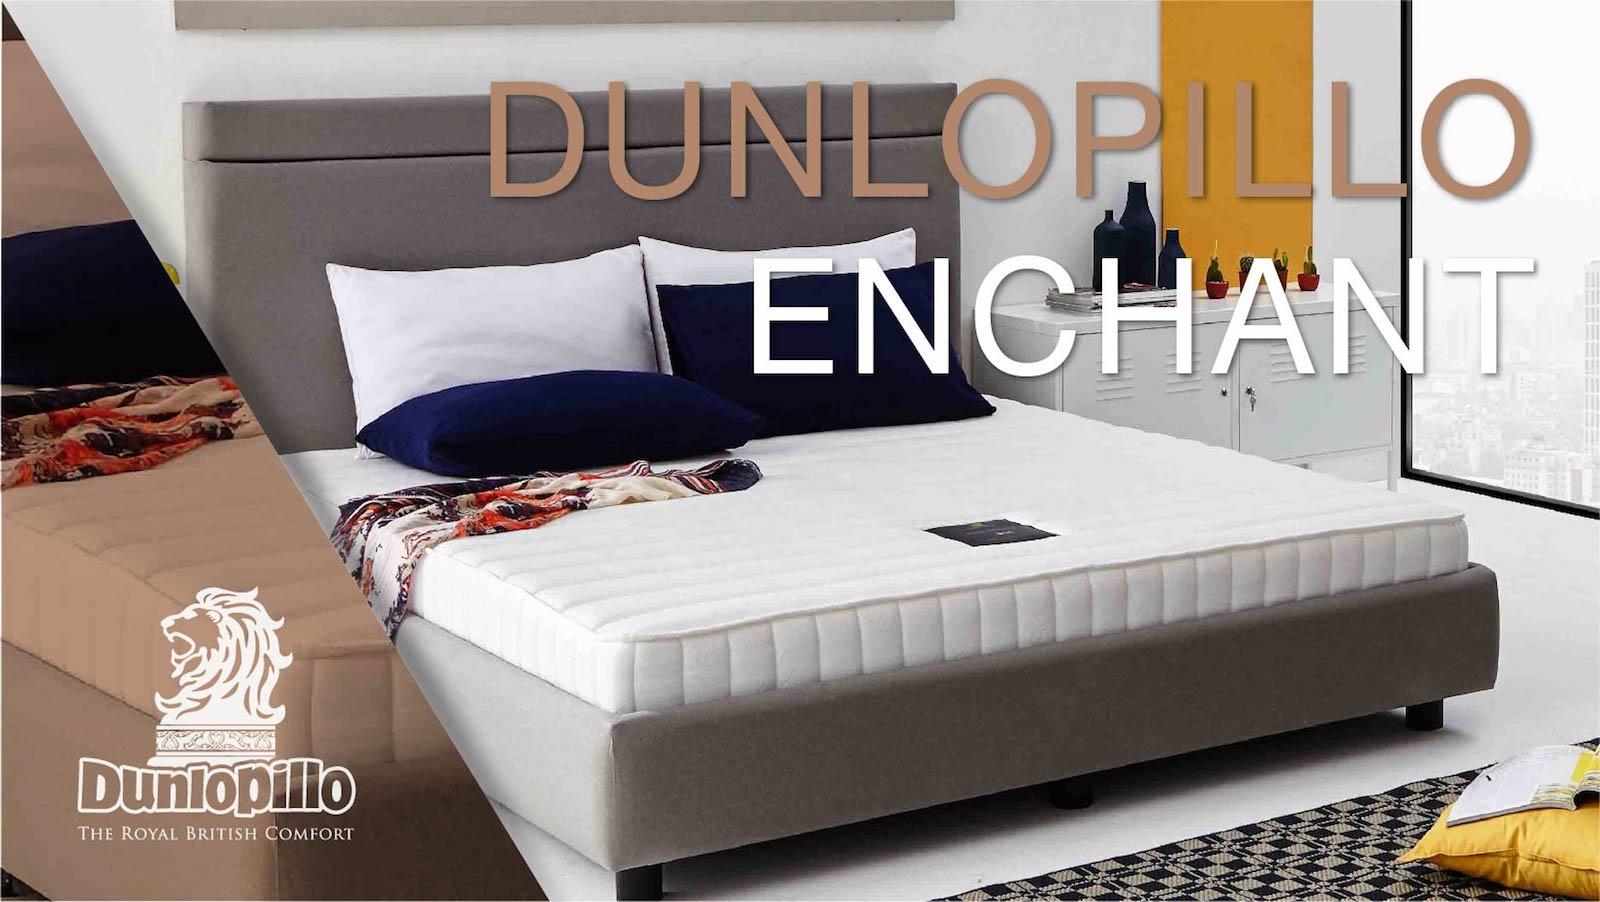 ที่นอน Dunlopillo รุ่น Enchant